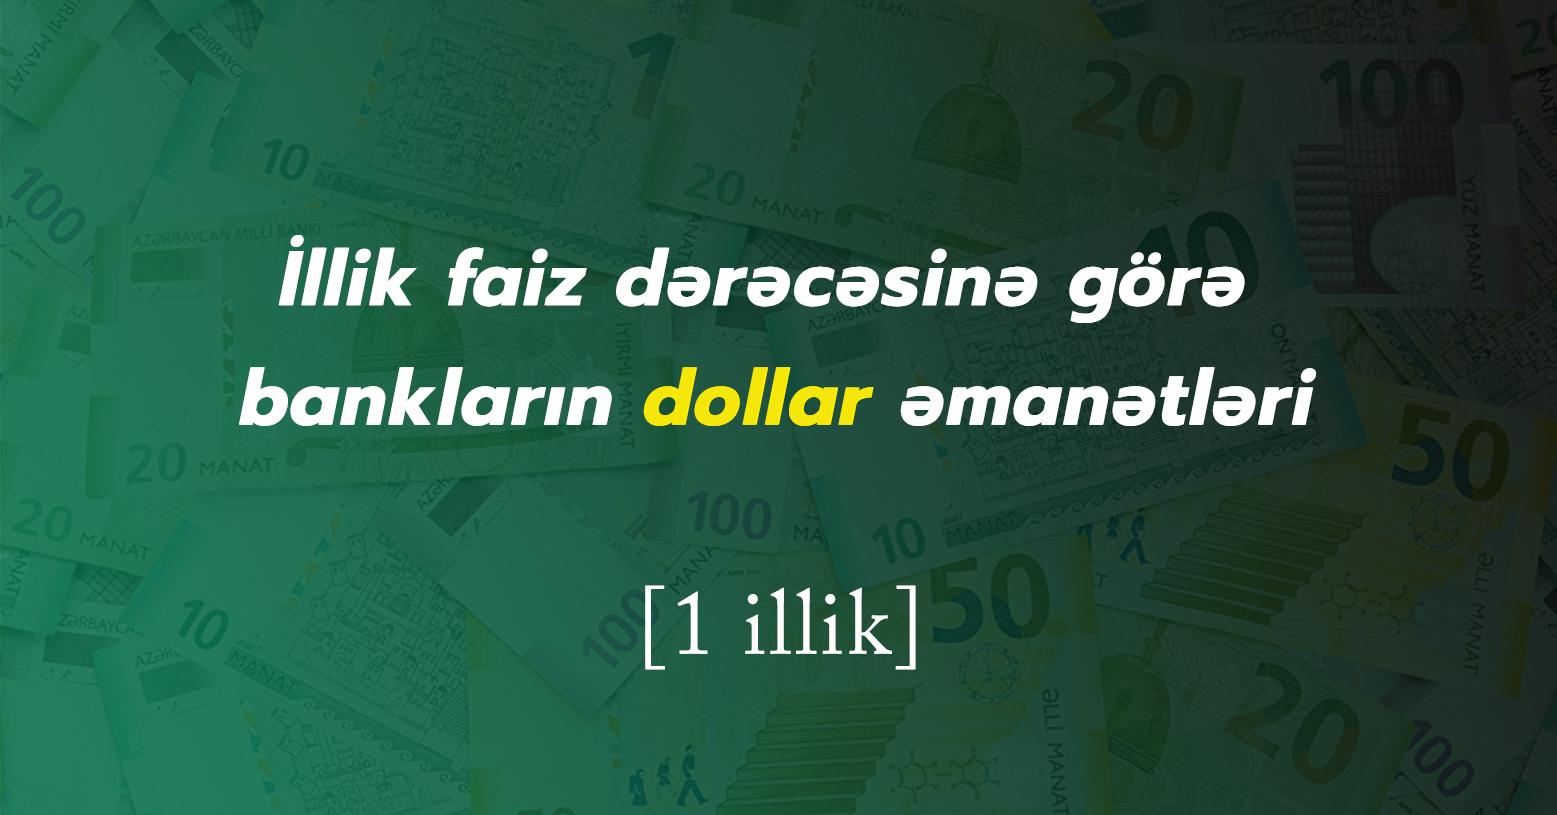 Dollar əmanəti hansı banklarda daha sərfəlidir? - İyul 2021